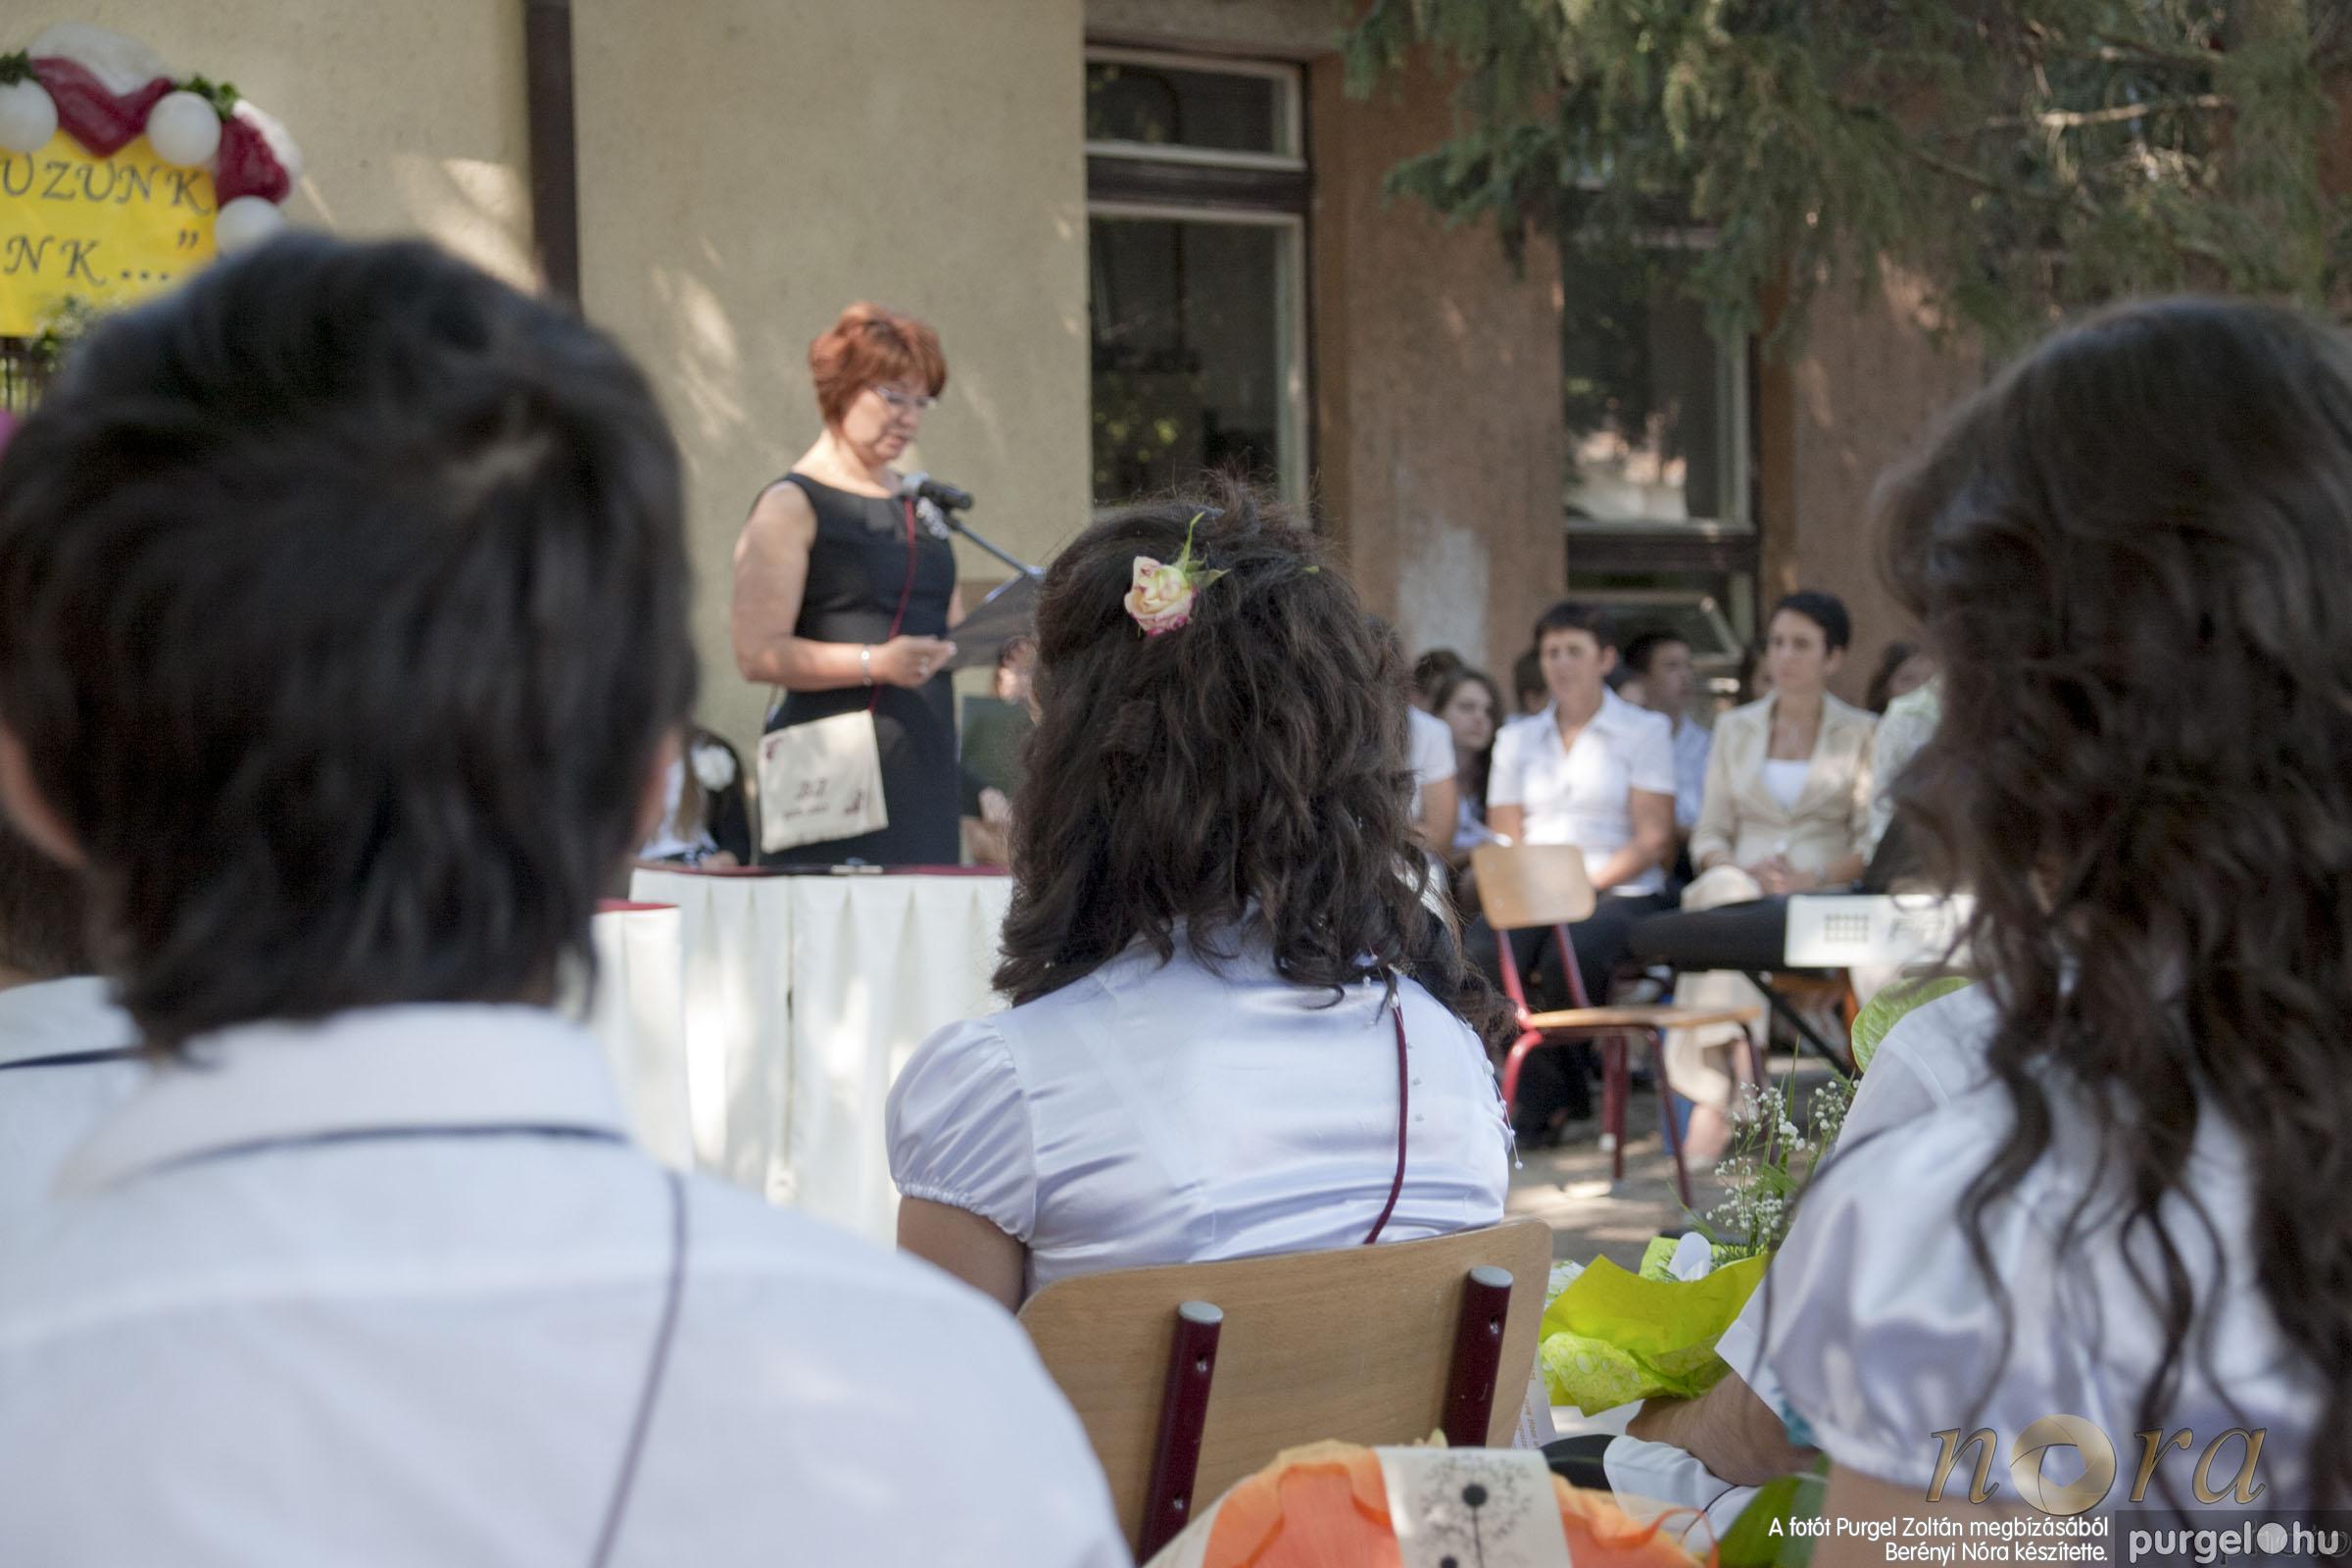 2013.06.15. 233 Forray Máté Általános Iskola ballagás 2013. - Fotó:BERÉNYI NÓRA© _MG_1288.JPG